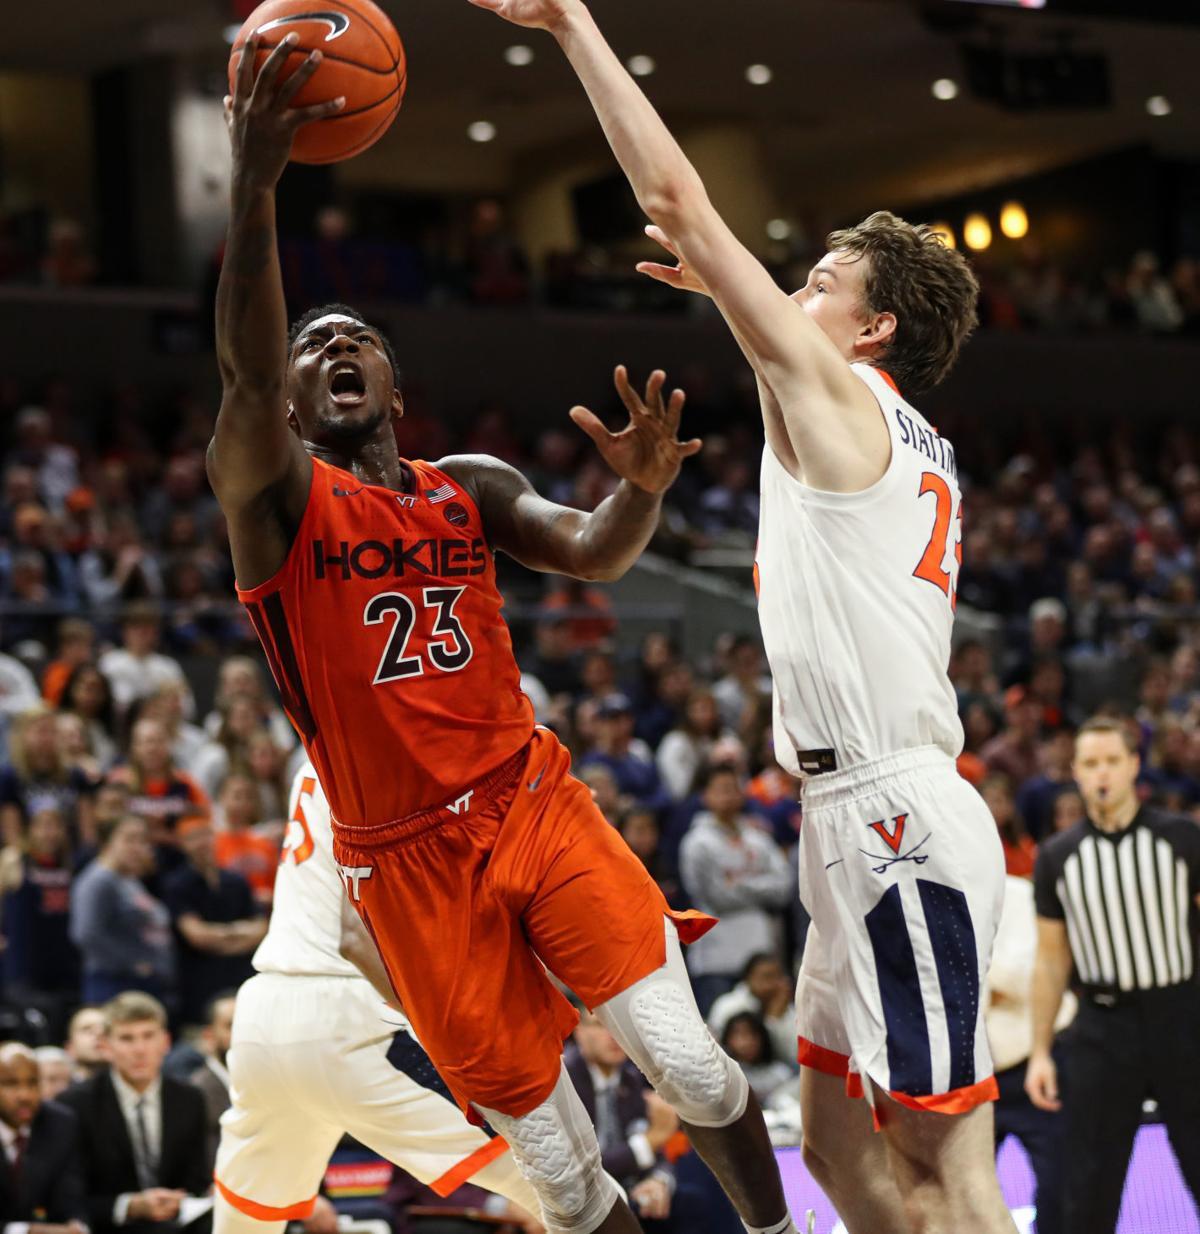 Virginia Tech Virginia To Play In Basketball Events In Mohegan Sun Bubble Local Roanoke Com